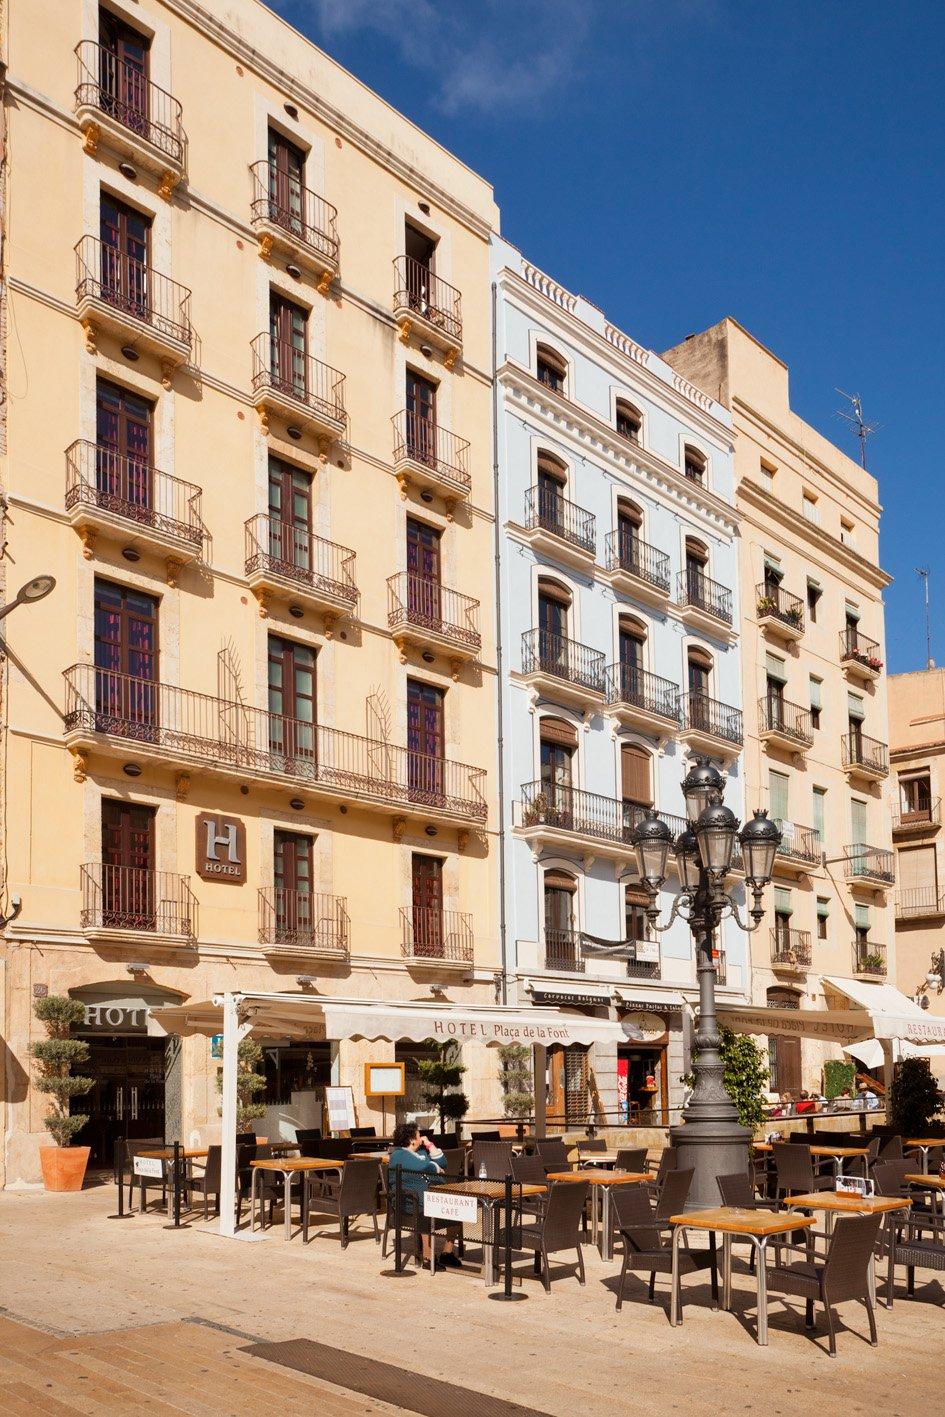 hotel_la_fontnombre_del_documento_12-40fbd0f2af186a1d48e30b96dd85783f